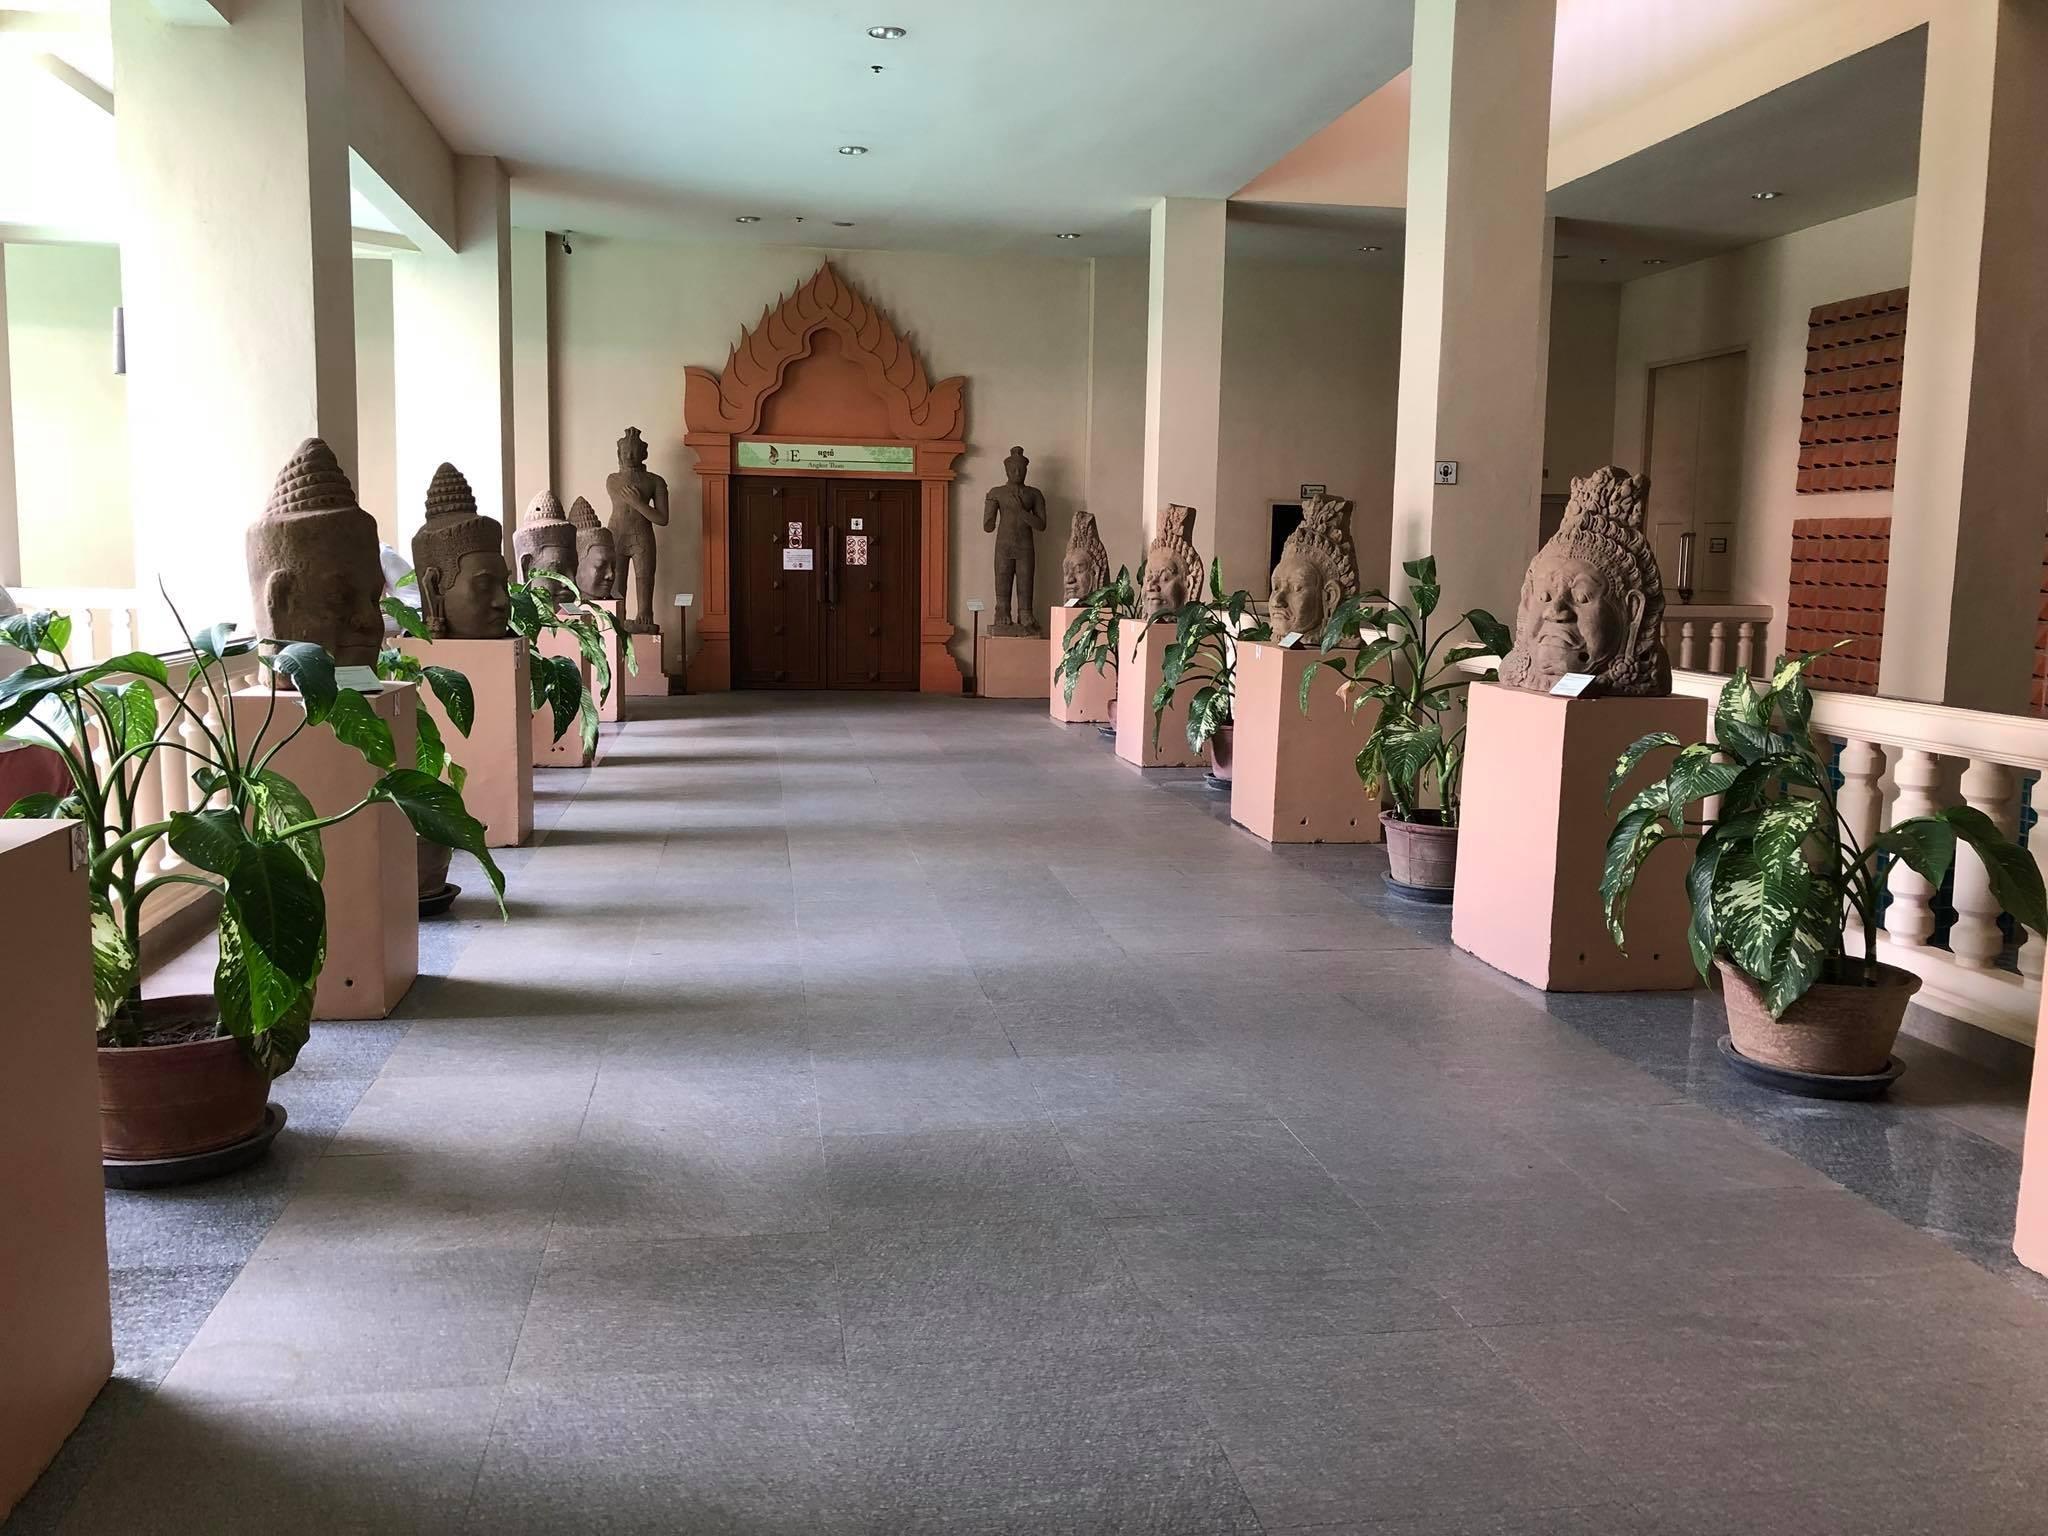 Angkor National Museum – Điểm dừng chân không nên bỏ lỡ? - Ảnh 7.